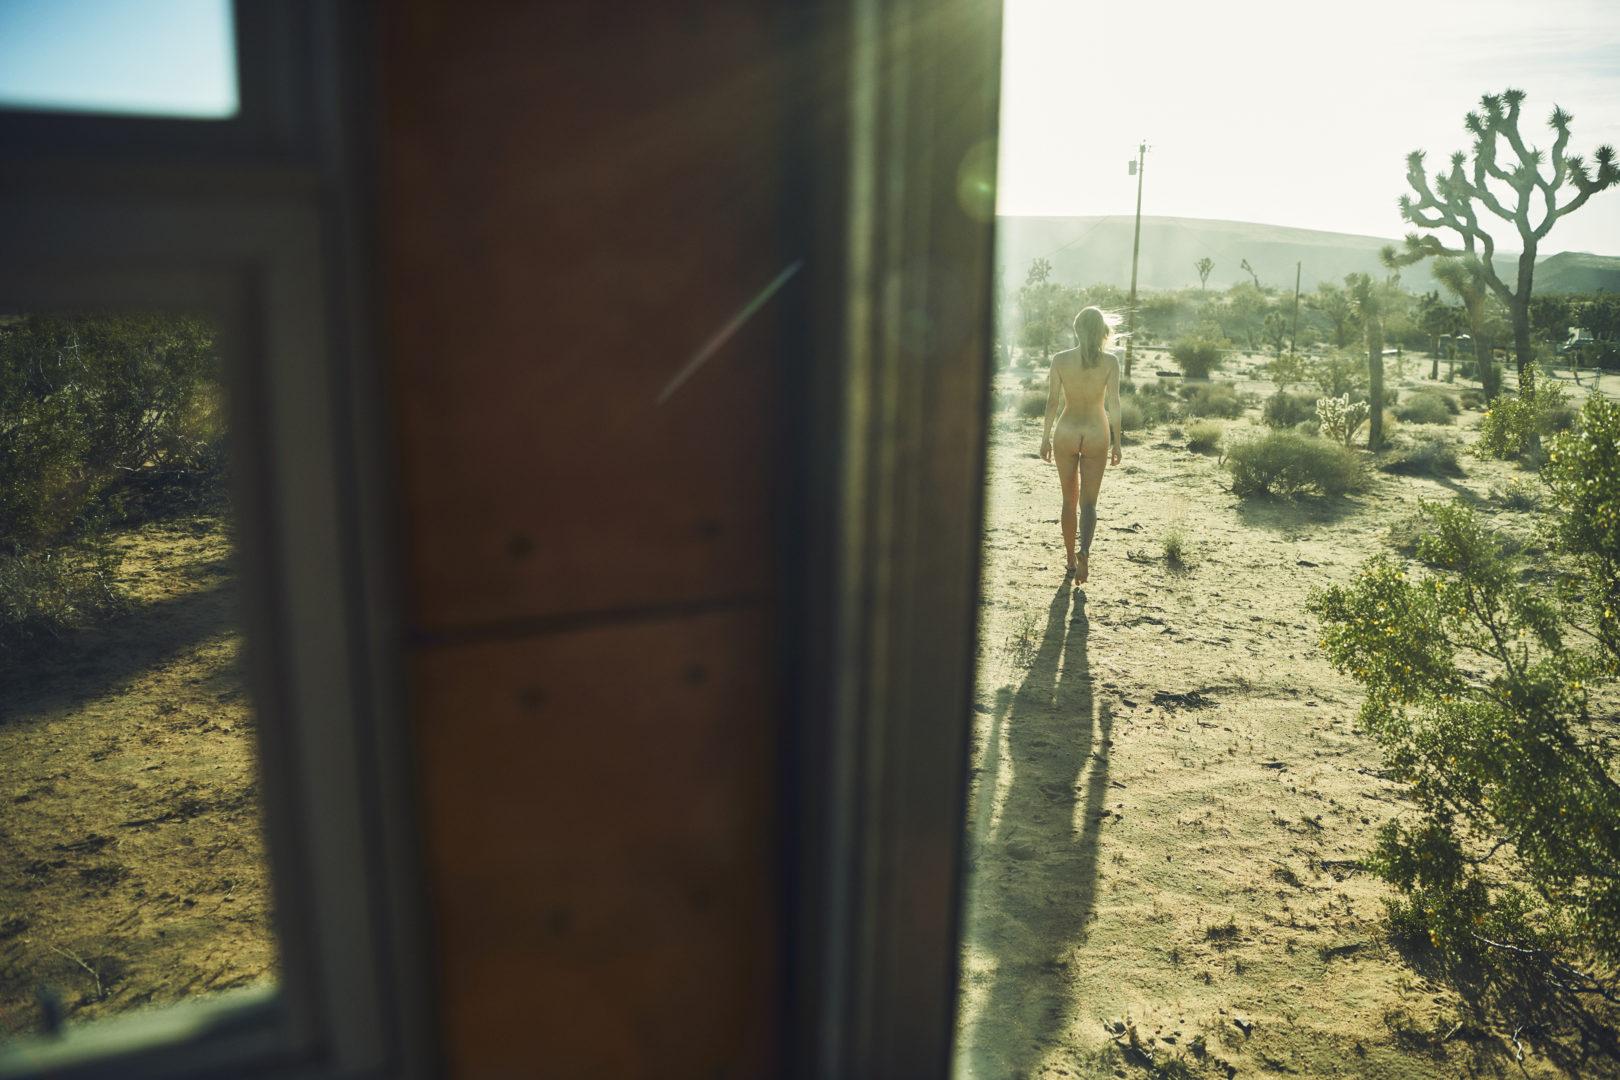 naked girl outside in trailer park